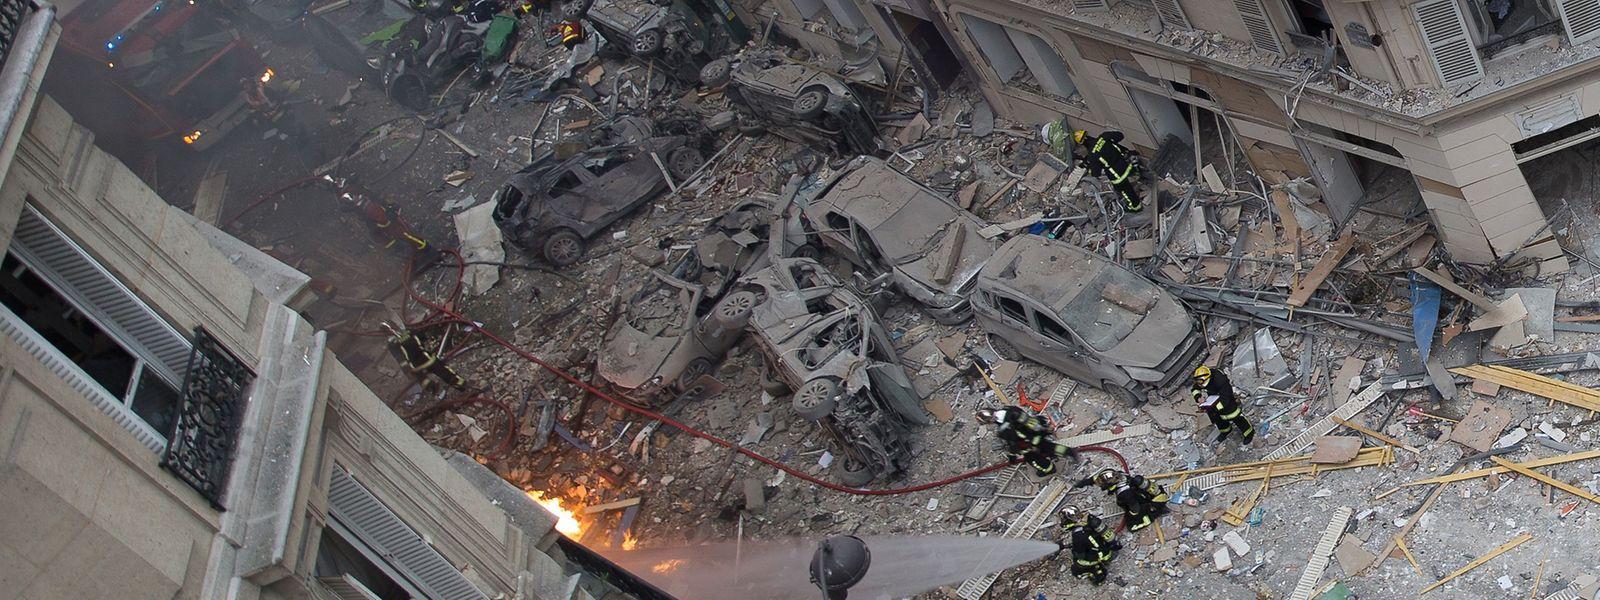 Die Explosion verursachte enorme Schäden in der Umgebung der Bäckerei.